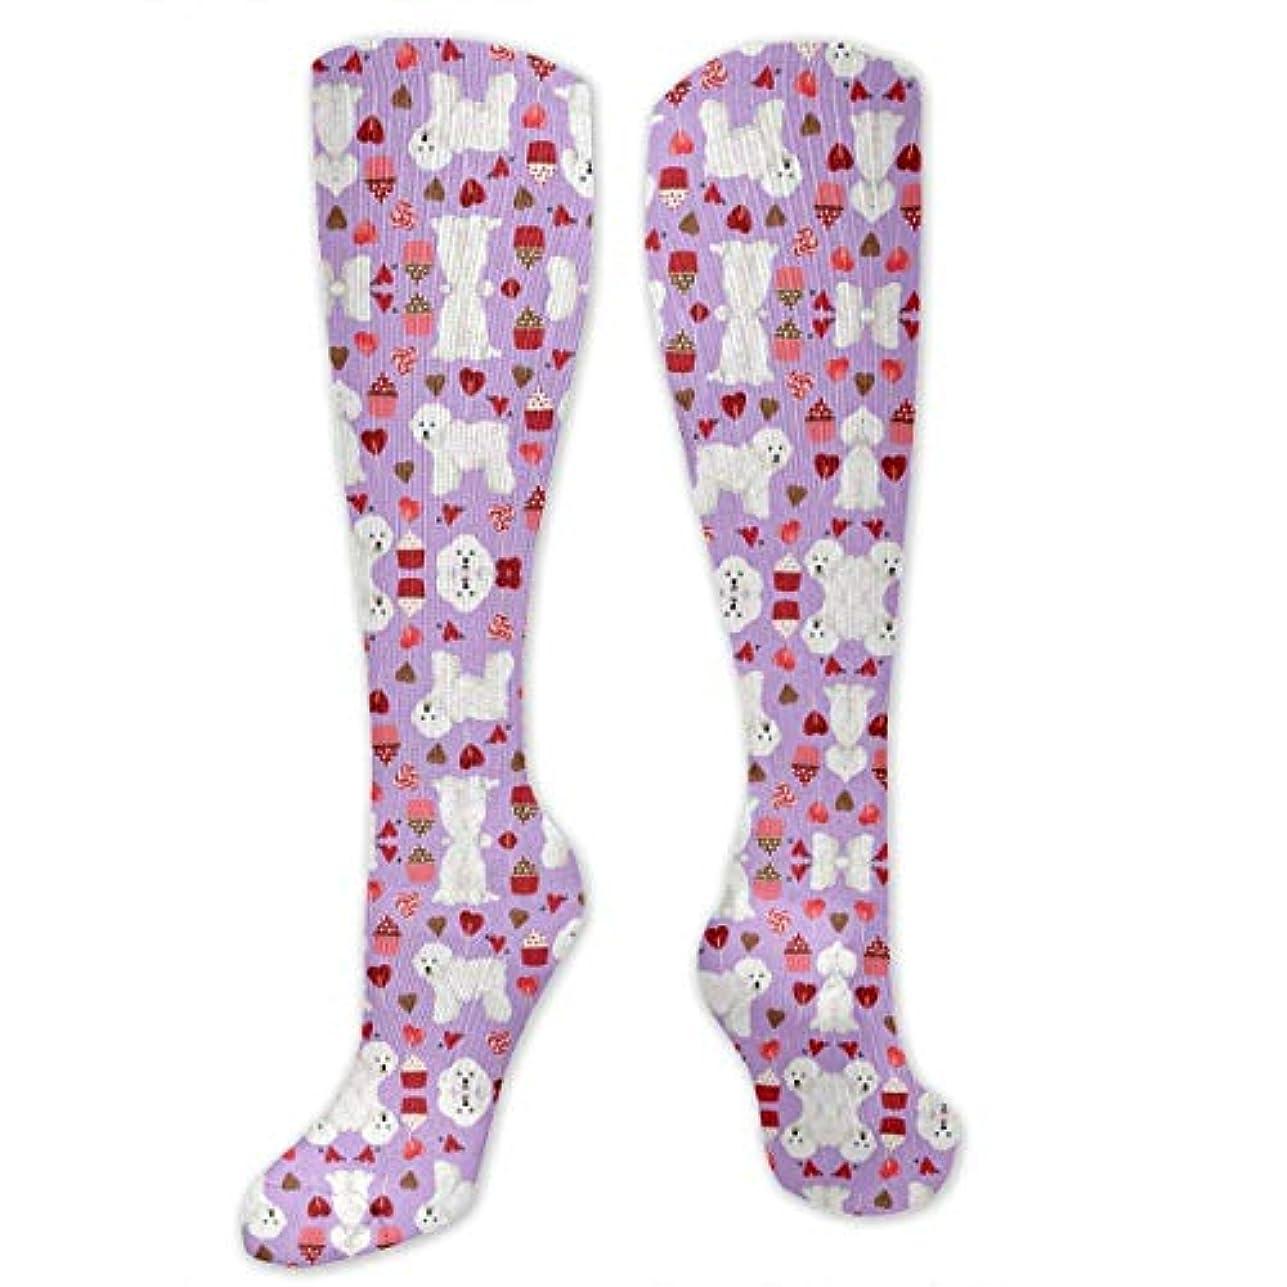 安西中古監督する靴下,ストッキング,野生のジョーカー,実際,秋の本質,冬必須,サマーウェア&RBXAA Bichon Frise Valentines Day Socks Women's Winter Cotton Long Tube...